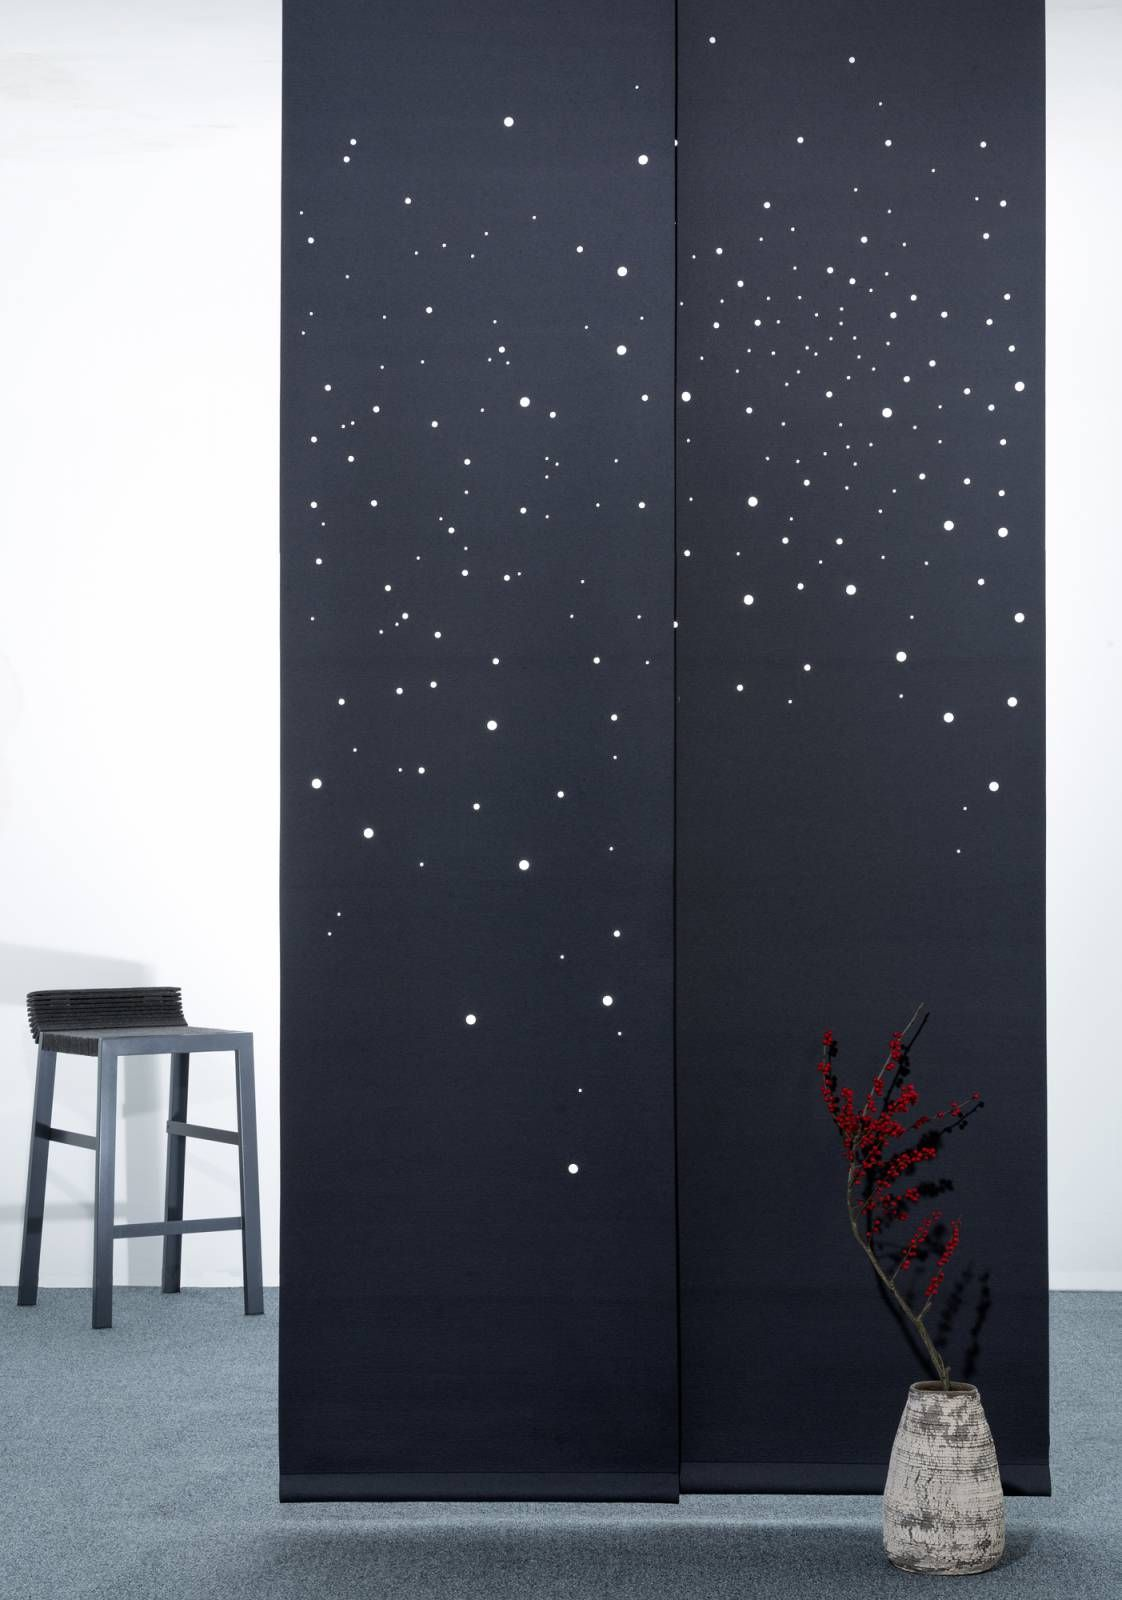 panneau japonais occultant voie lact e architecture pinte. Black Bedroom Furniture Sets. Home Design Ideas